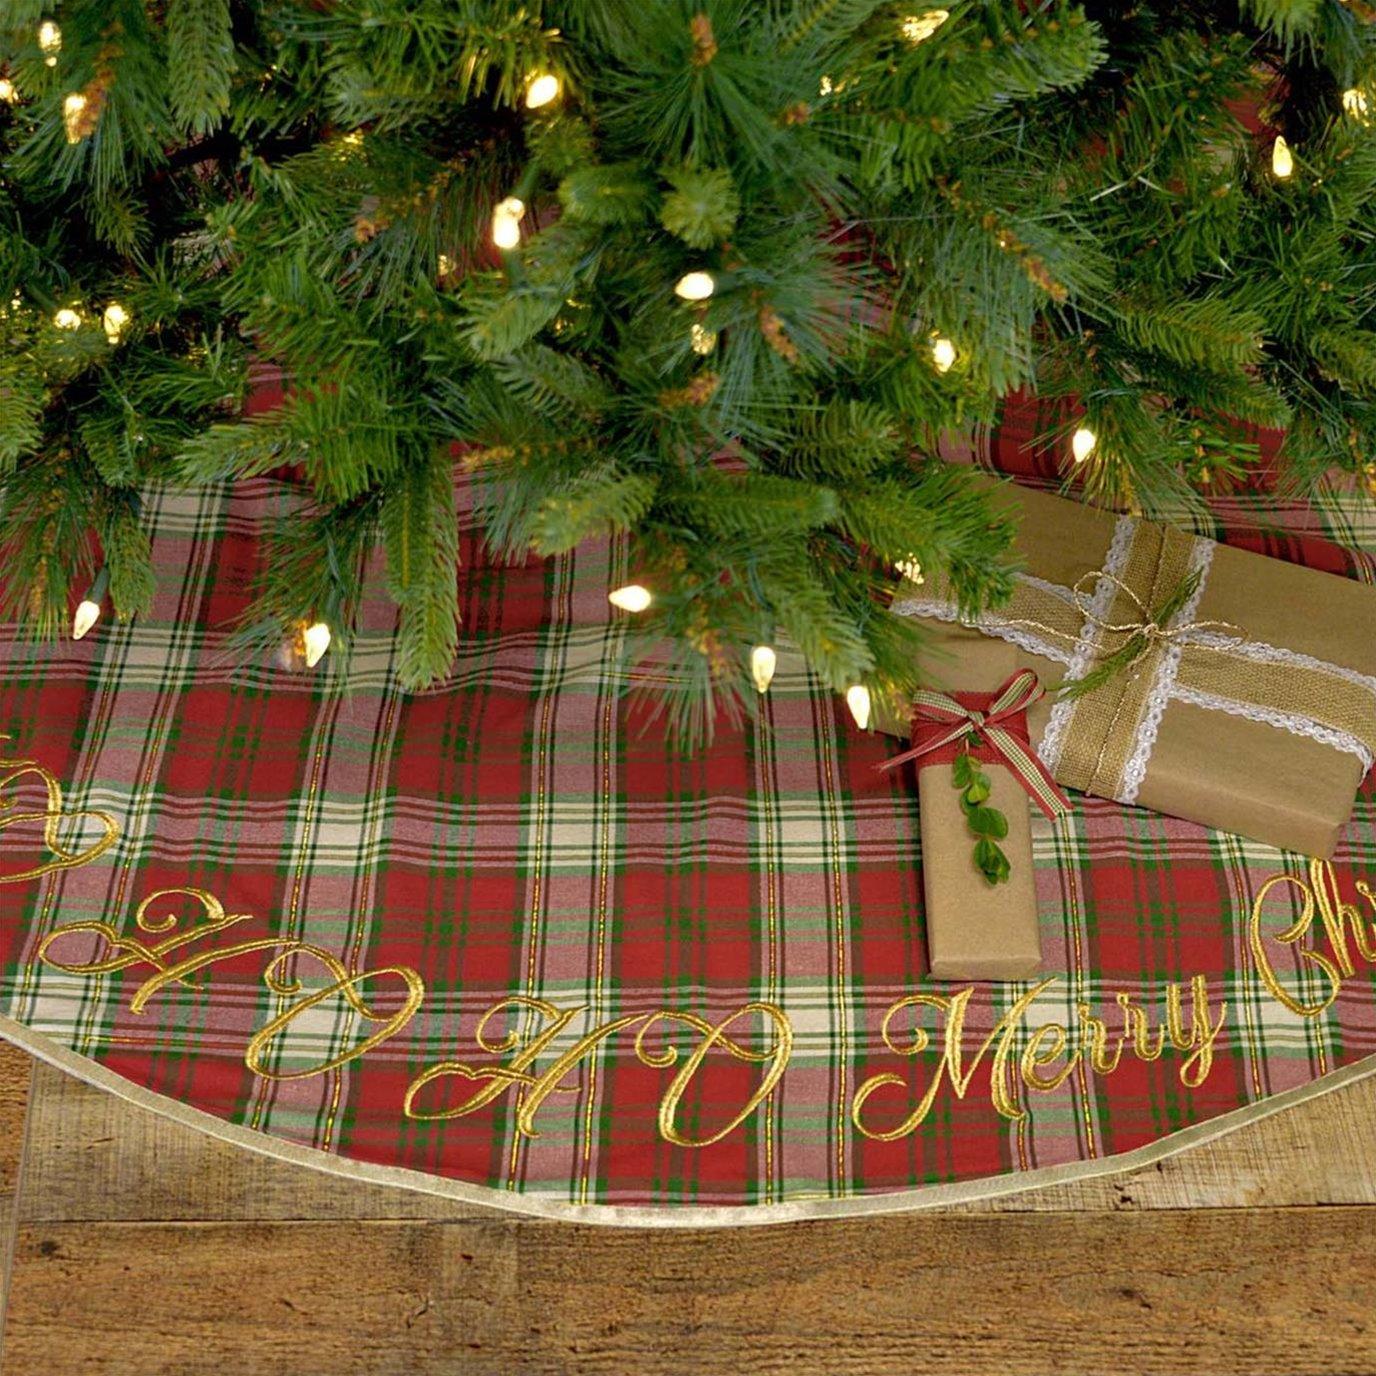 HO HO Holiday Tree Skirt 55